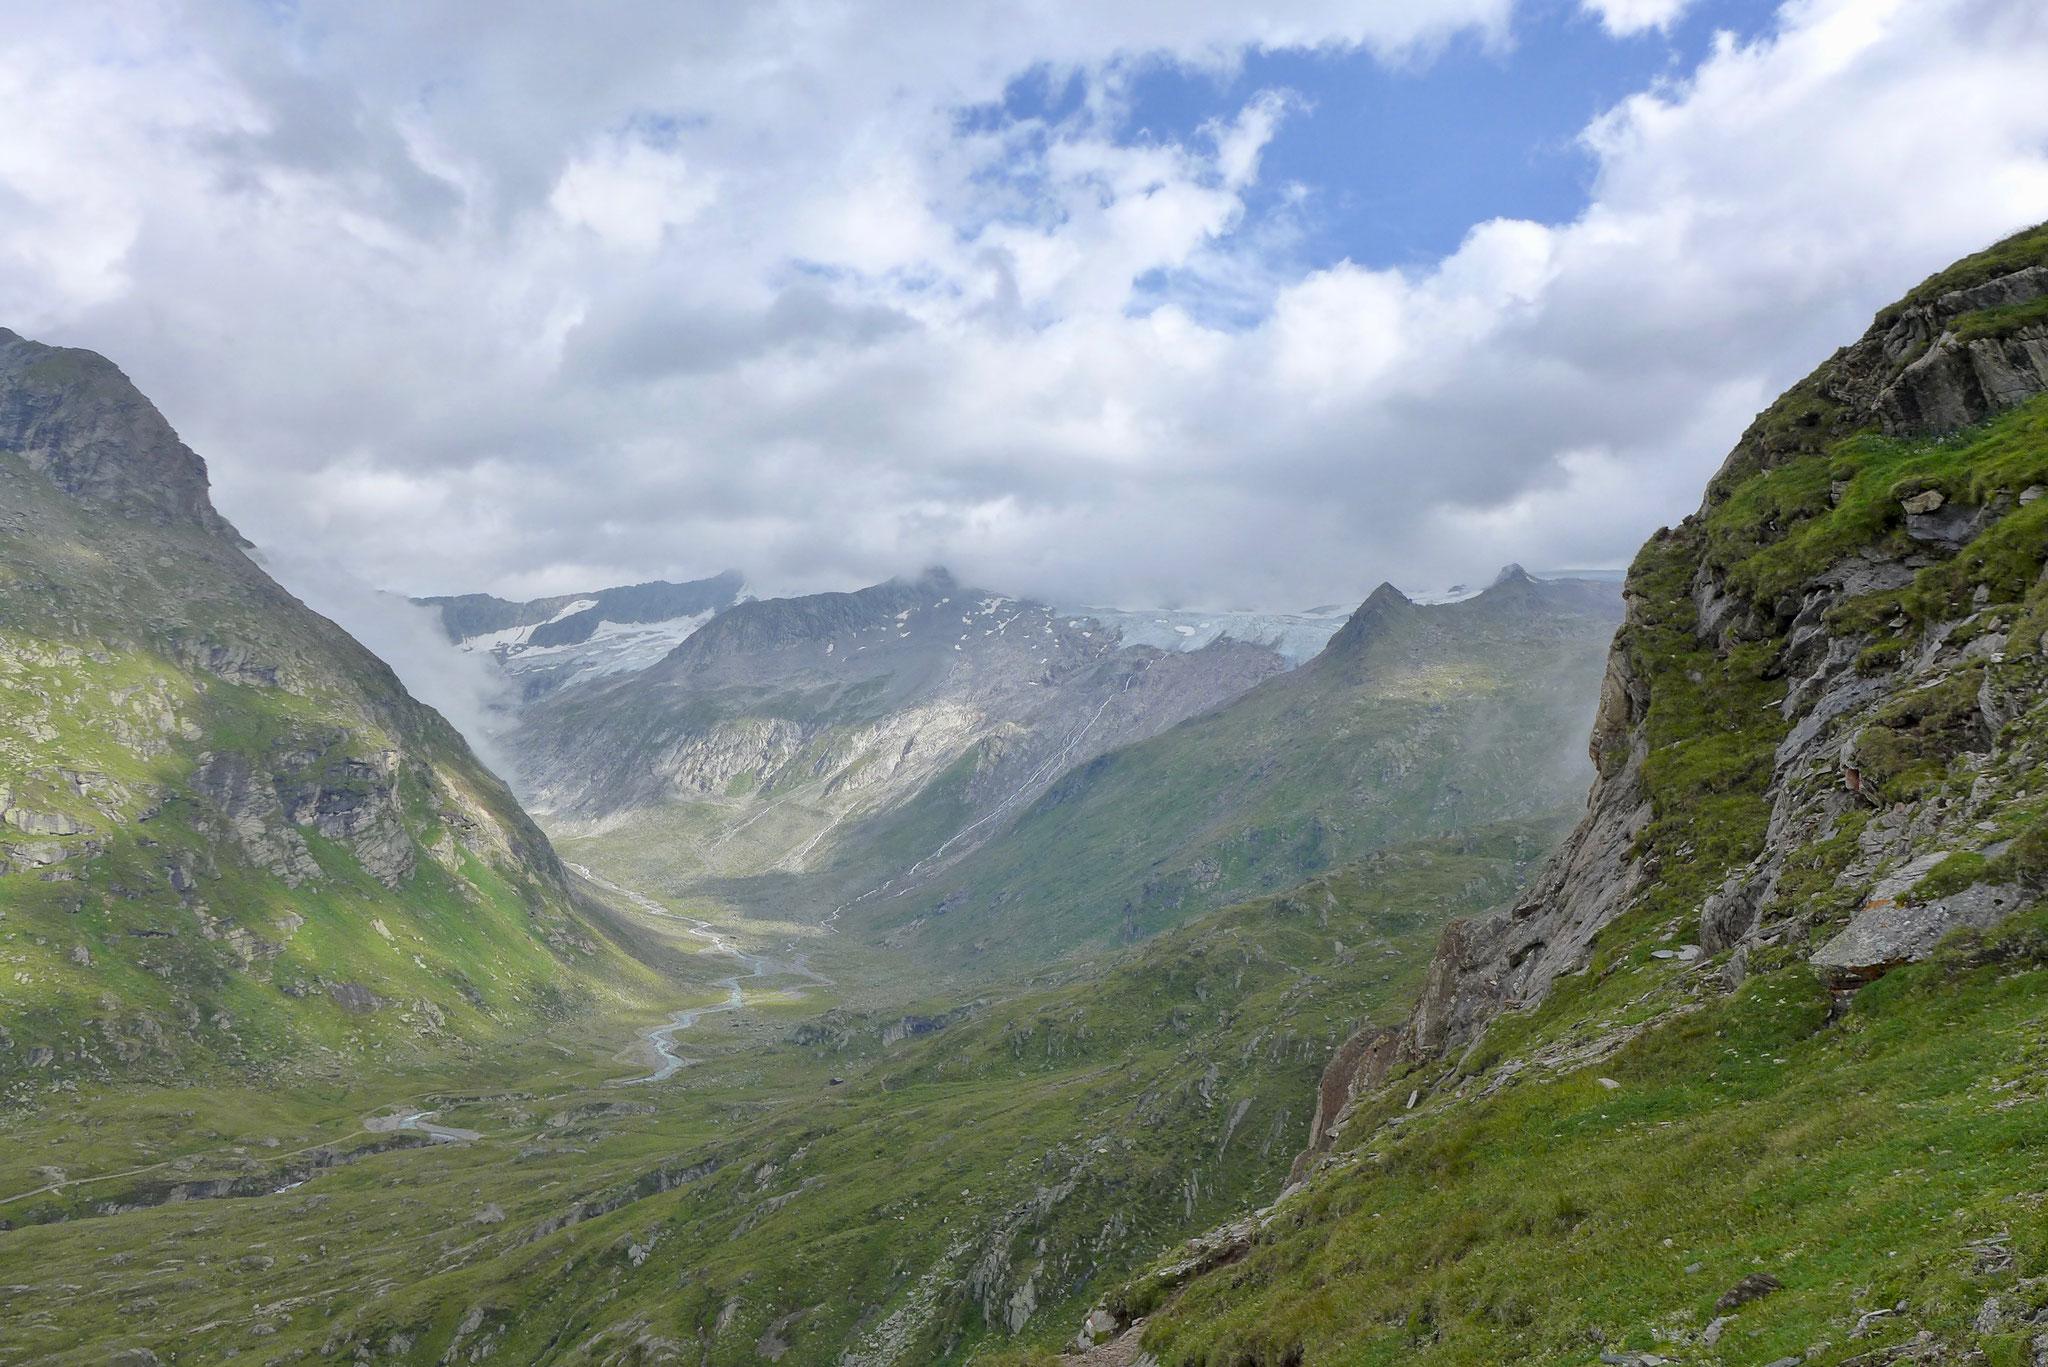 Ein Versuch einen Teil dieses unglaublich schönen Tals zu zeigen.